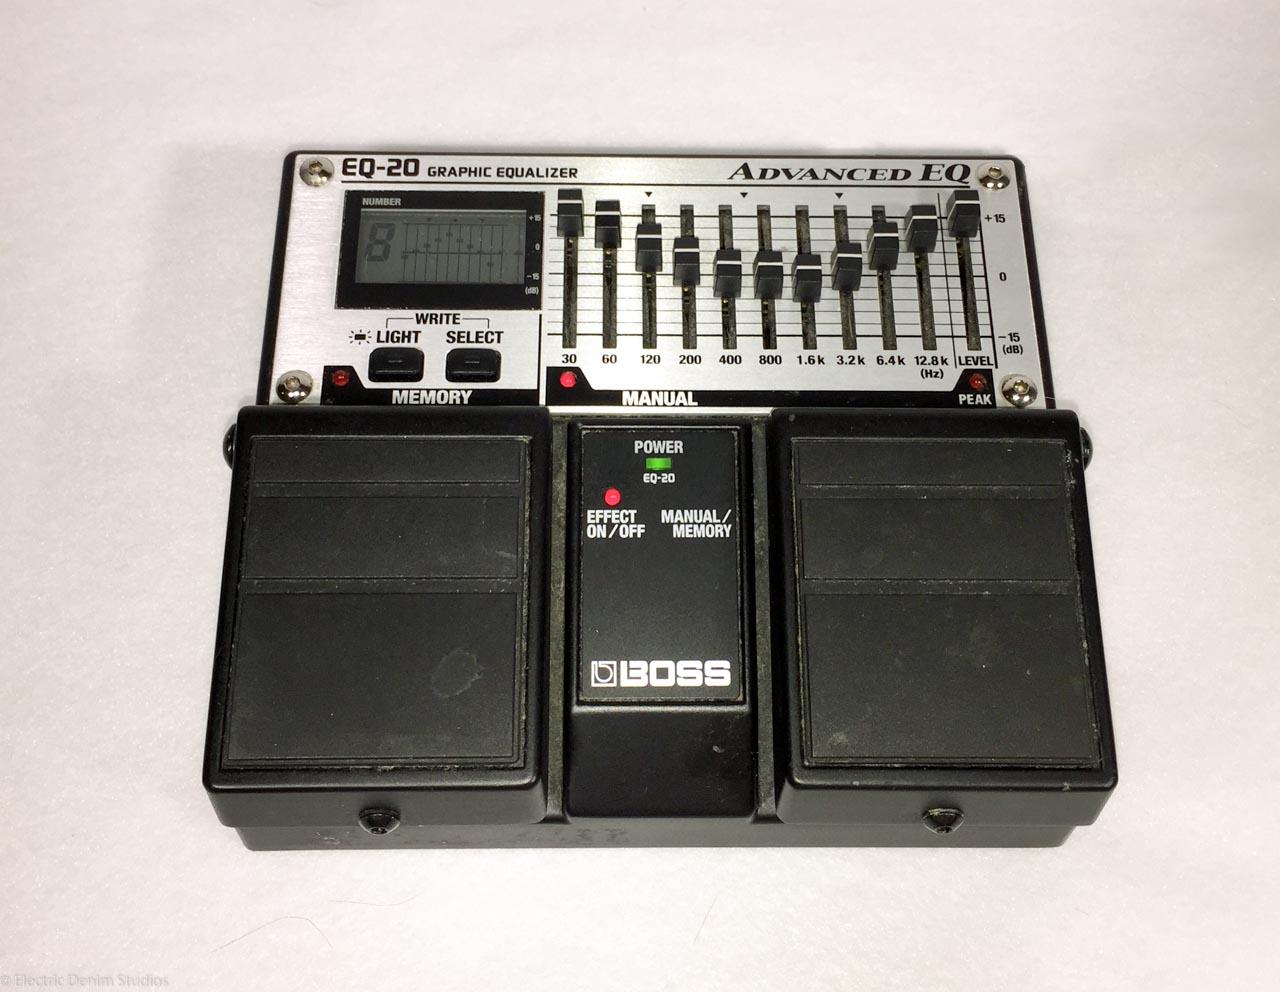 boss eq 20 guitar effect pedal 10 band programmable digital equalizer electric denim studios. Black Bedroom Furniture Sets. Home Design Ideas